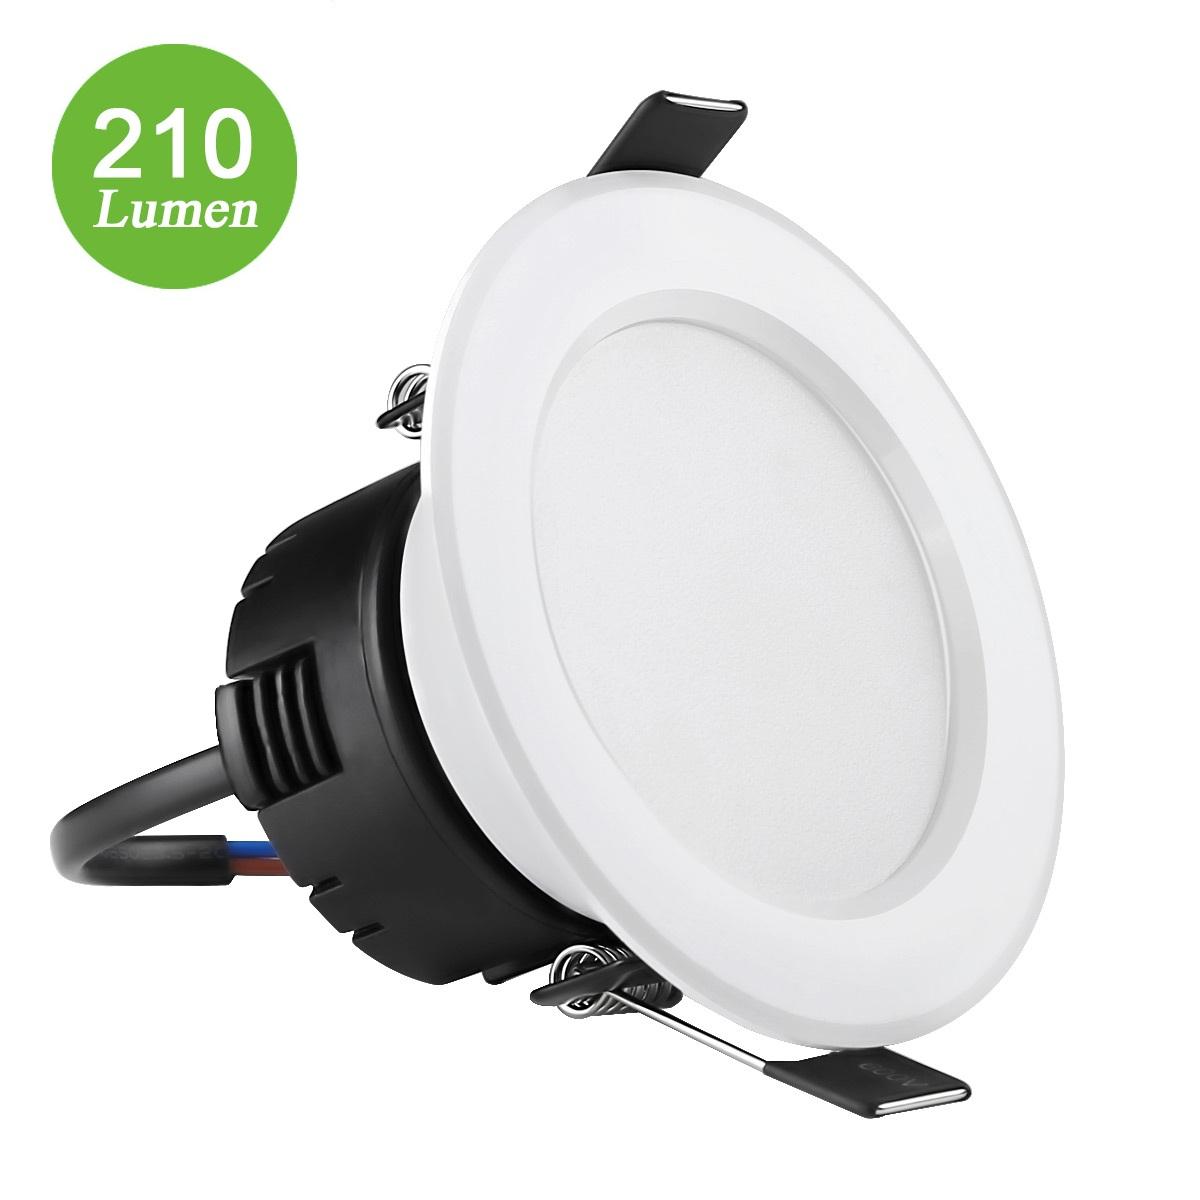 4W LED Deckeneinbauleuchten, 210lm Deckenspots, 75mm, entspricht 30W Halogenlampe, Warmweiß